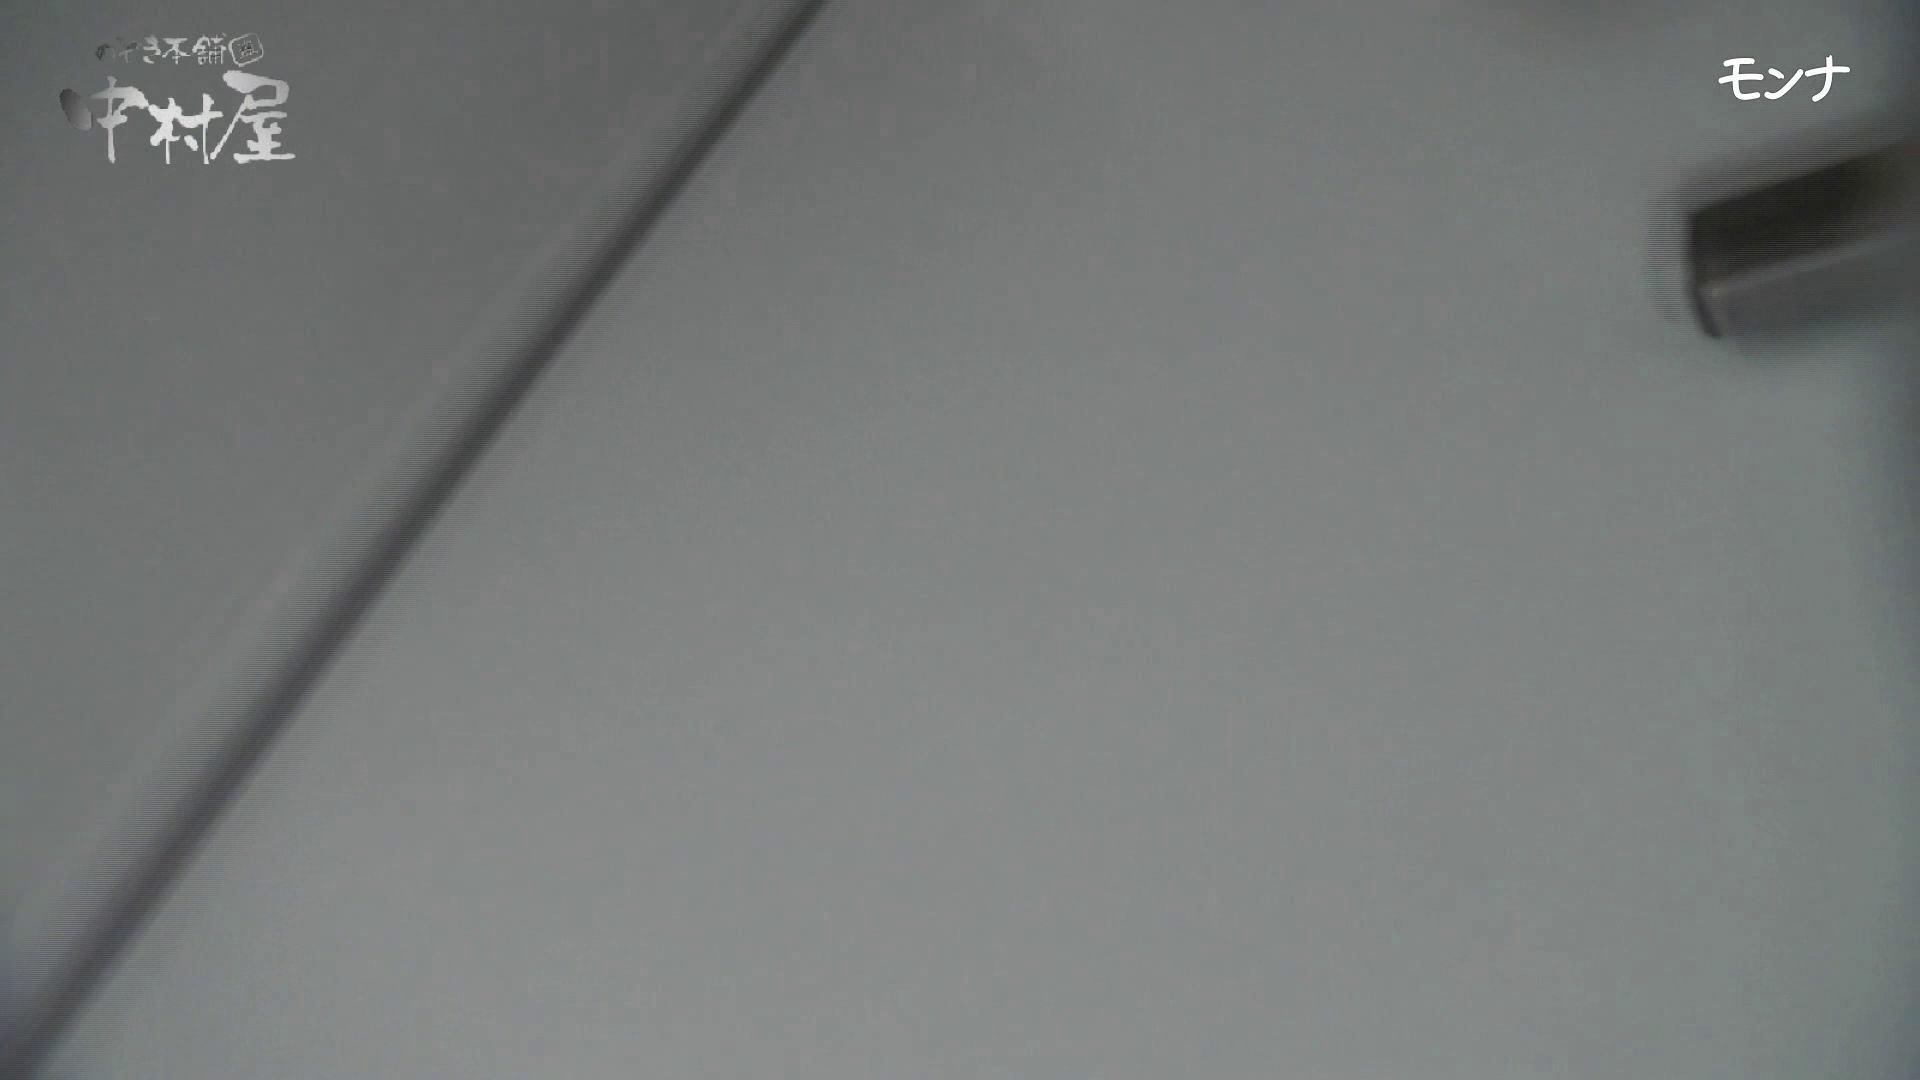 美しい日本の未来 No.47 冬Ver.進化 細い指でほじくりまくる!前編 エッチな盗撮 オマンコ動画キャプチャ 79pic 19